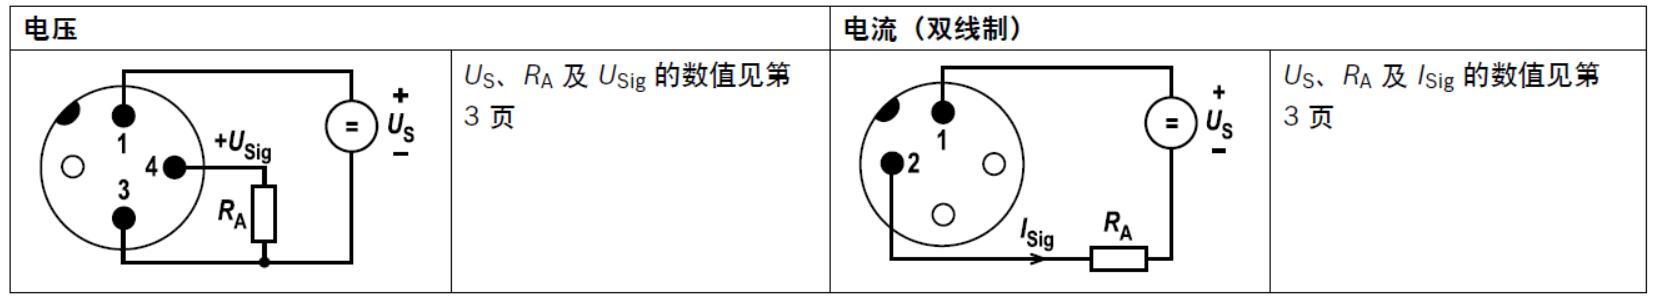 力士乐传感器接线方式